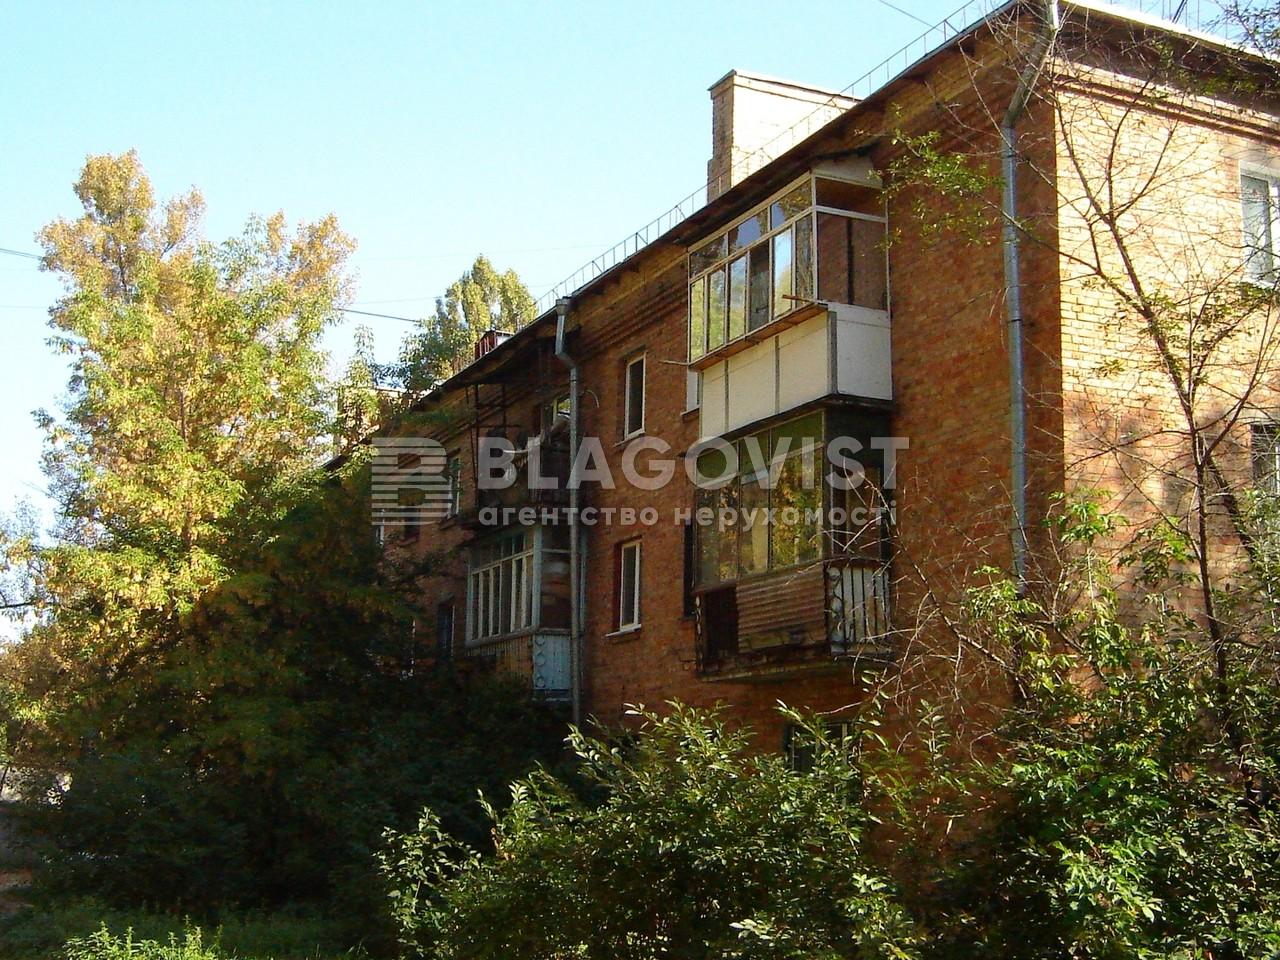 Нежилое помещение, H-47988, Щербаковского Даниила (Щербакова), Киев - Фото 2